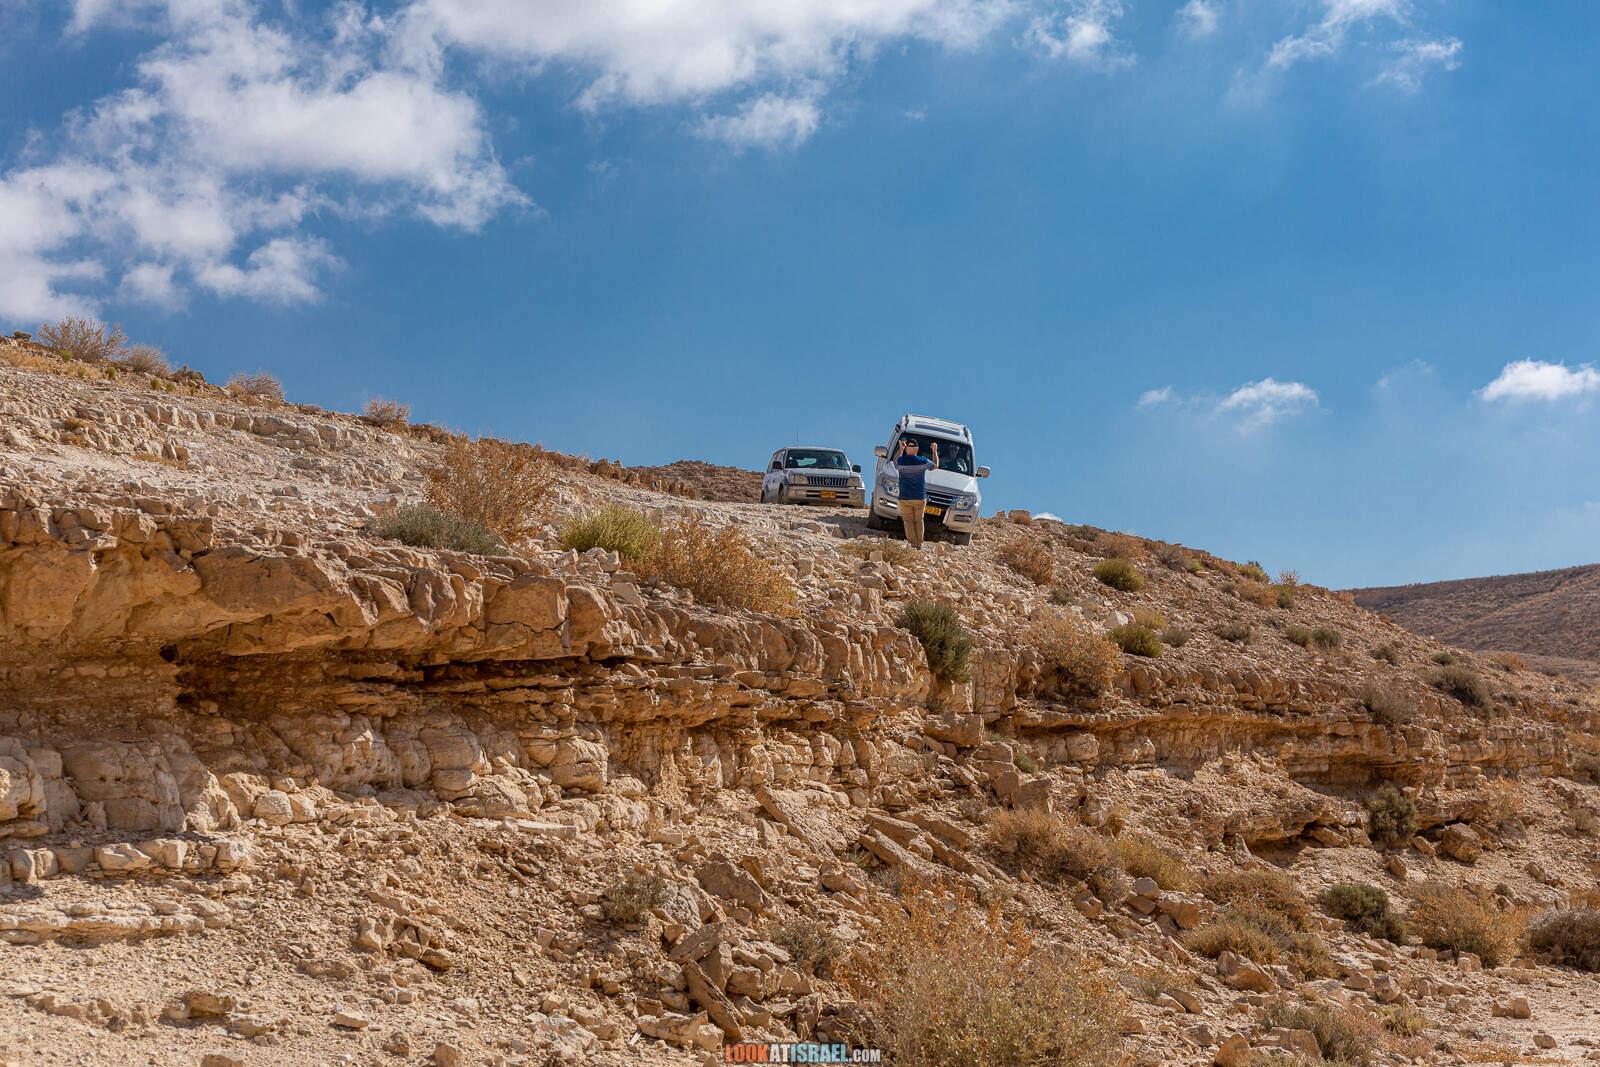 На внедорожнике вокруг махтеш Рамон, ручьи Арод и Одед